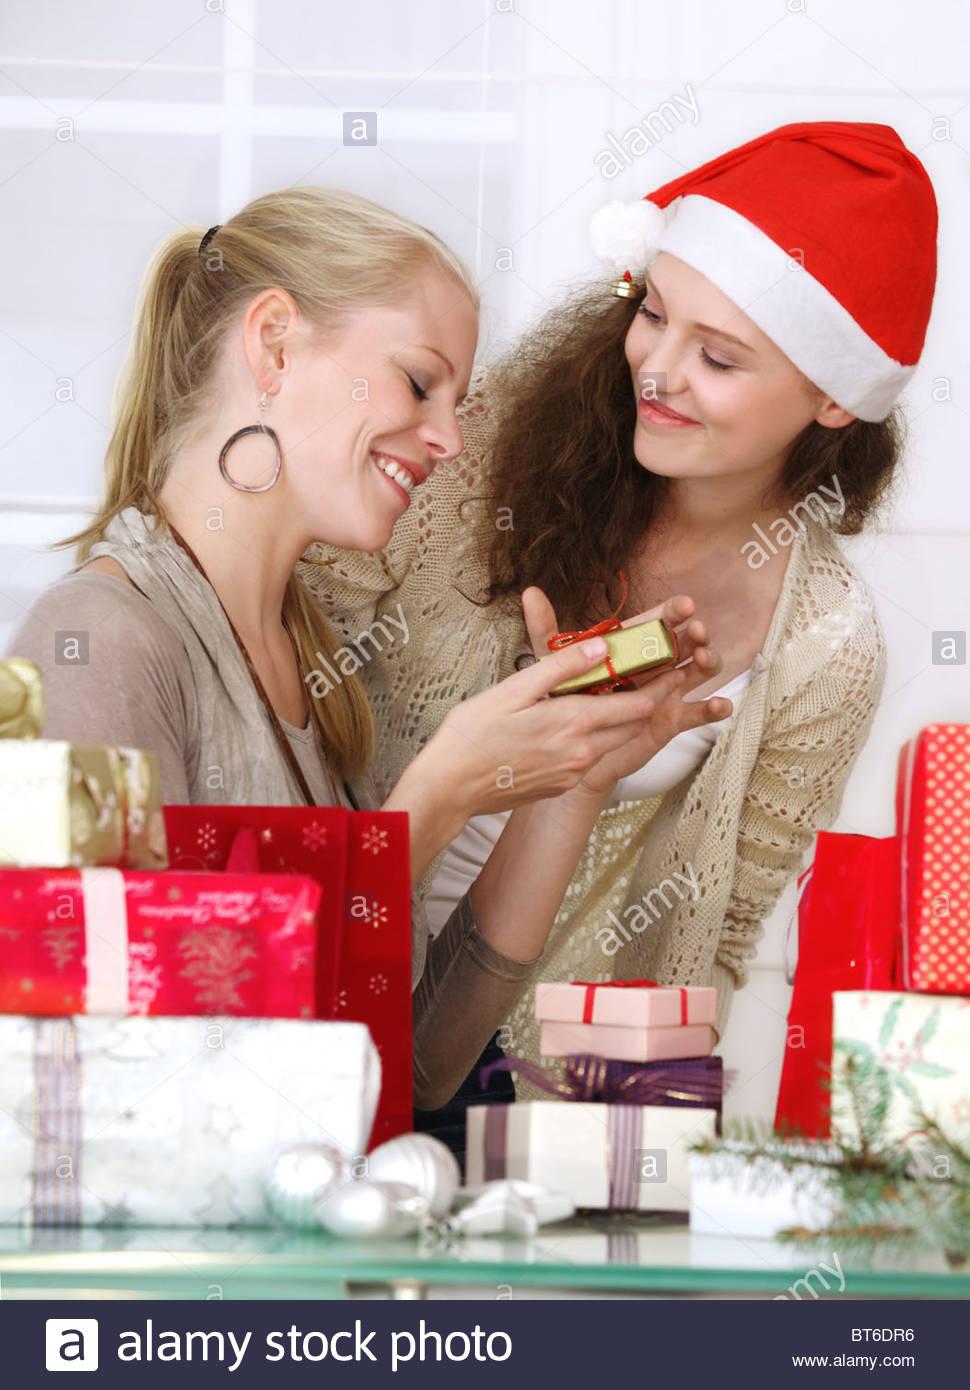 Zwei Frauen mit Weihnachtsgeschenke Stockfoto, Bild: 32104666 - Alamy